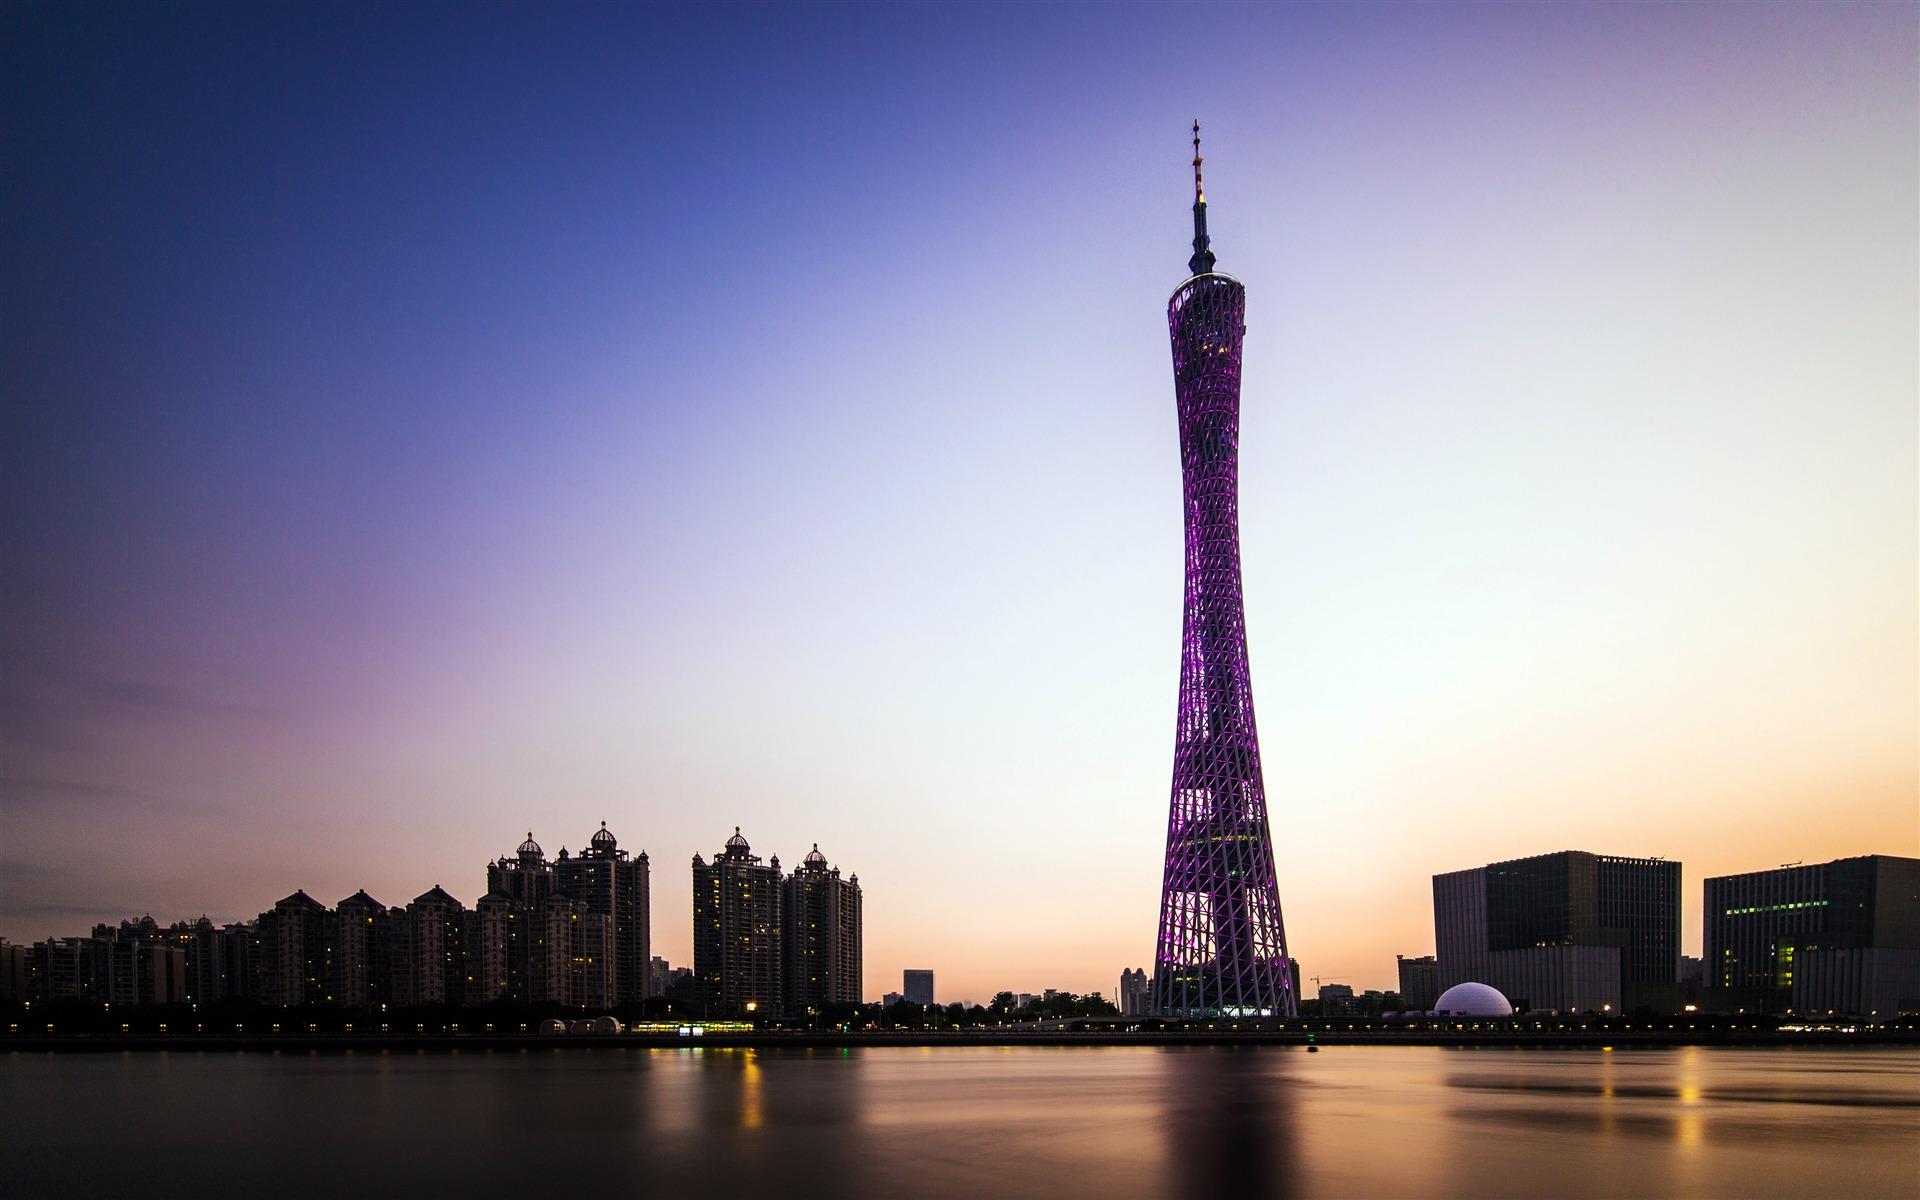 Evening Guangzhou Landmark Guangzhou Tower Preview ...